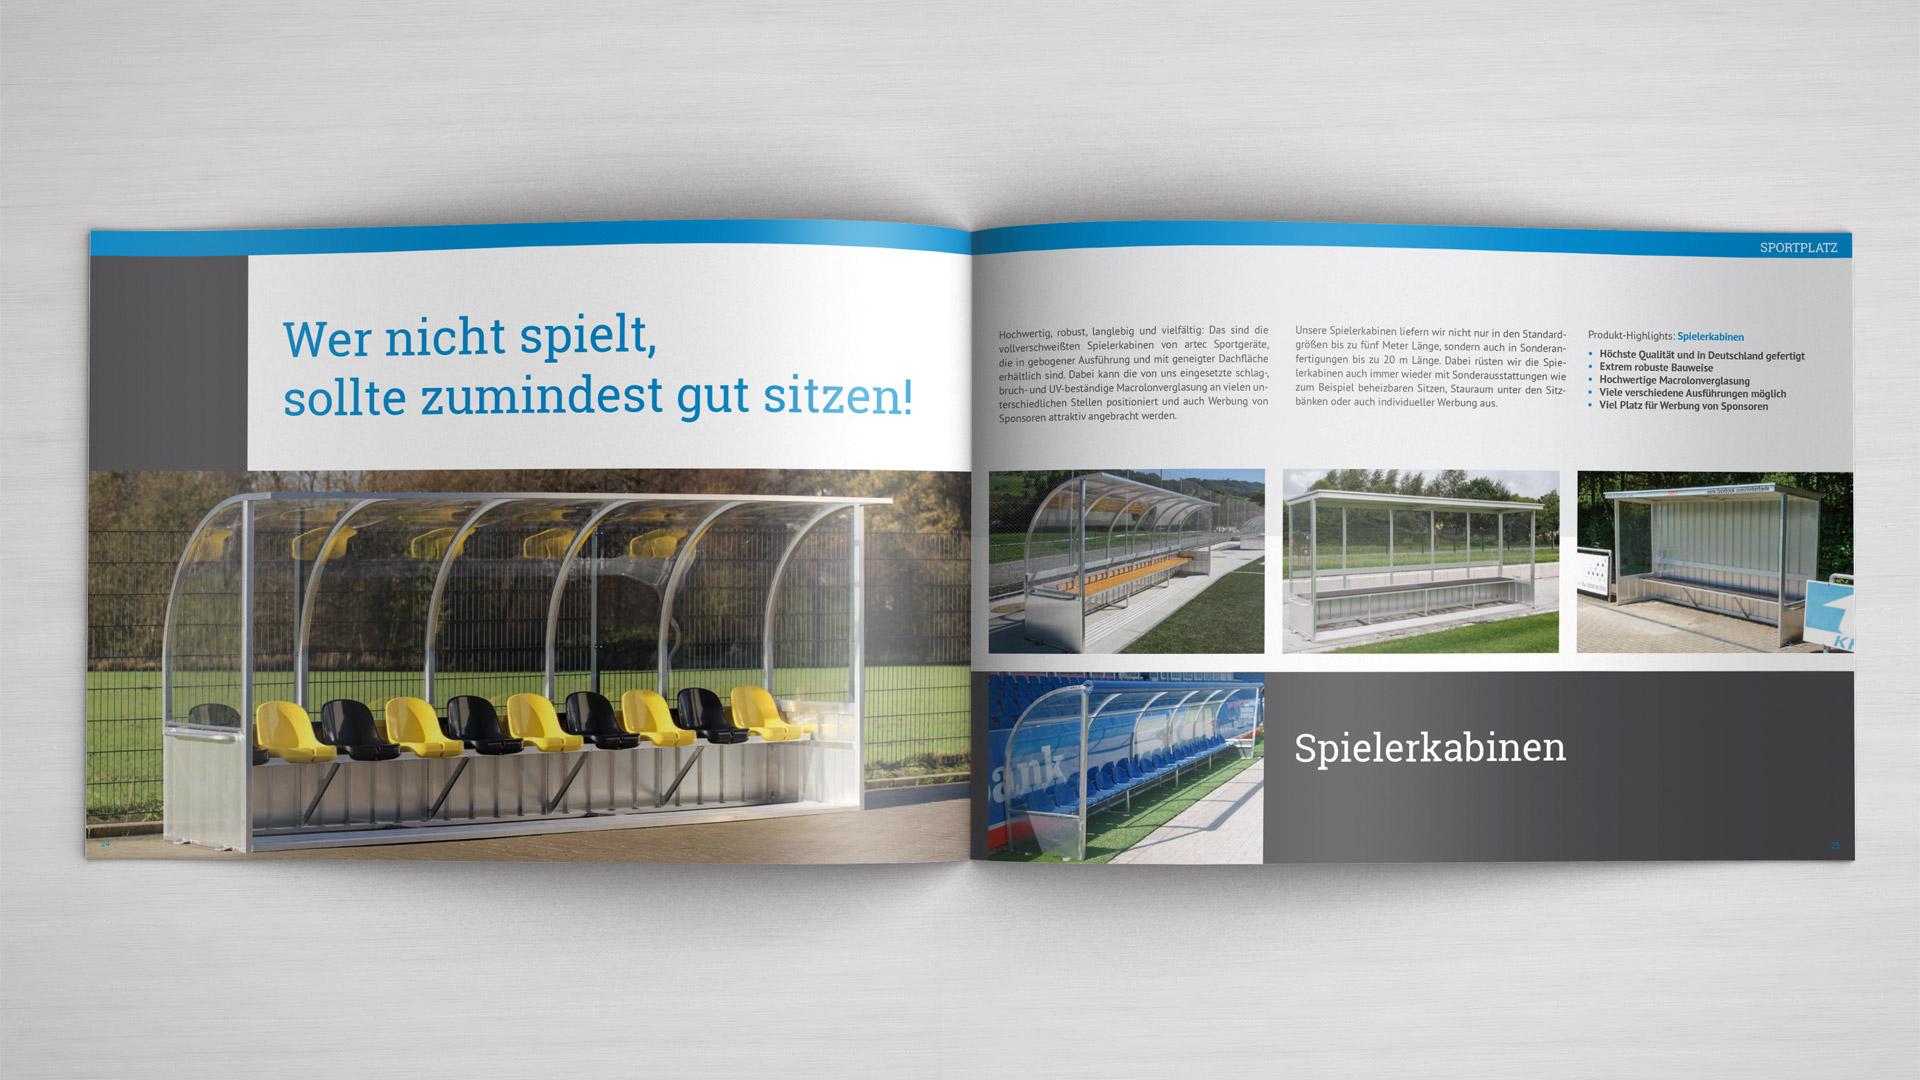 Imagebroschüre artec Spielerkabinen - Managementberatung aus Osnabrück